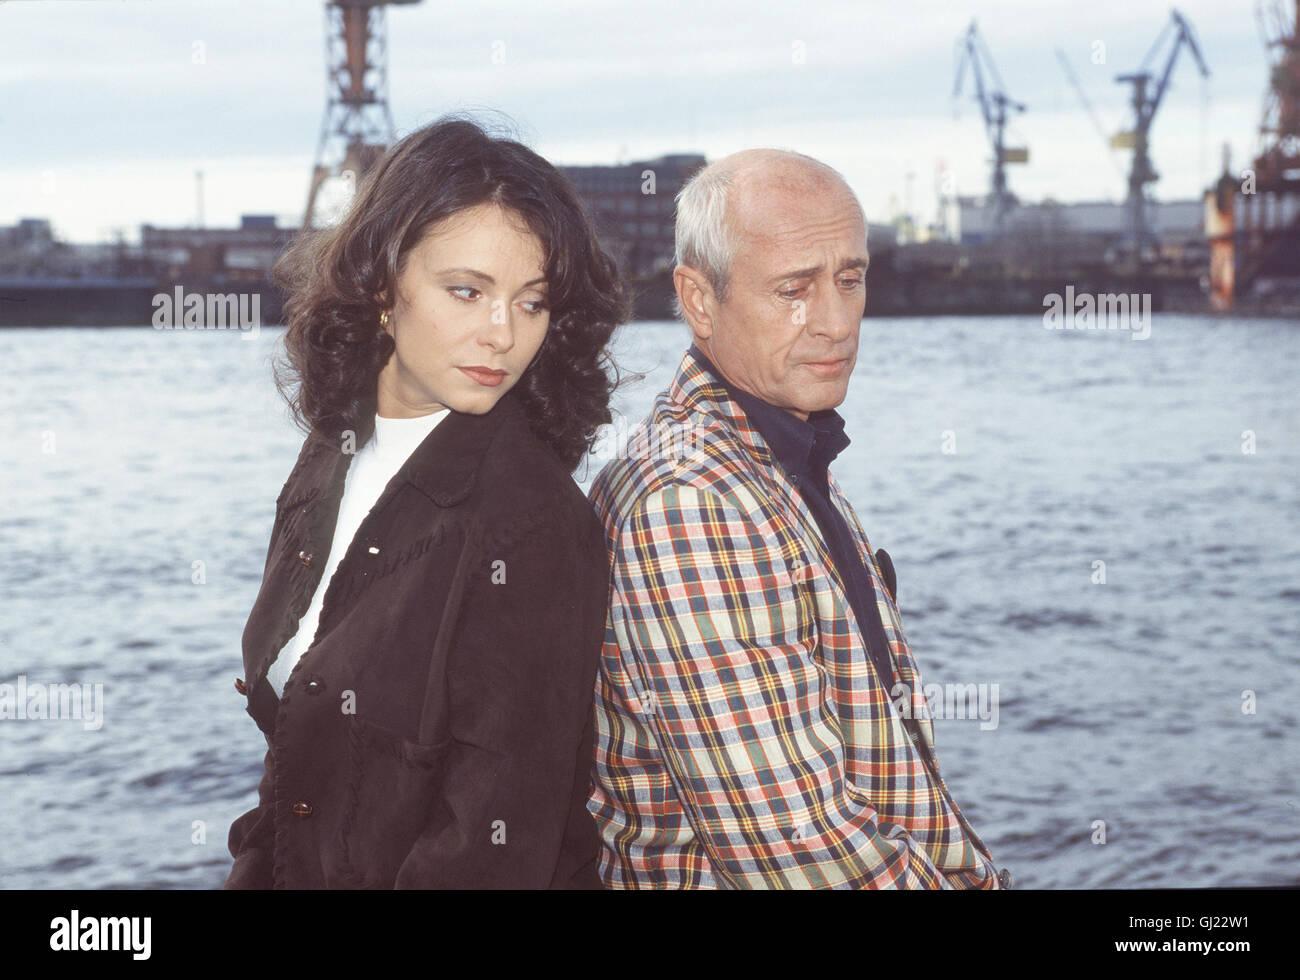 da84be948faf5 GIRL FRIENDS- Ilkas Vater Alexander Frowein und seine Frau steigen zufällig  im Hotel Hansson ab